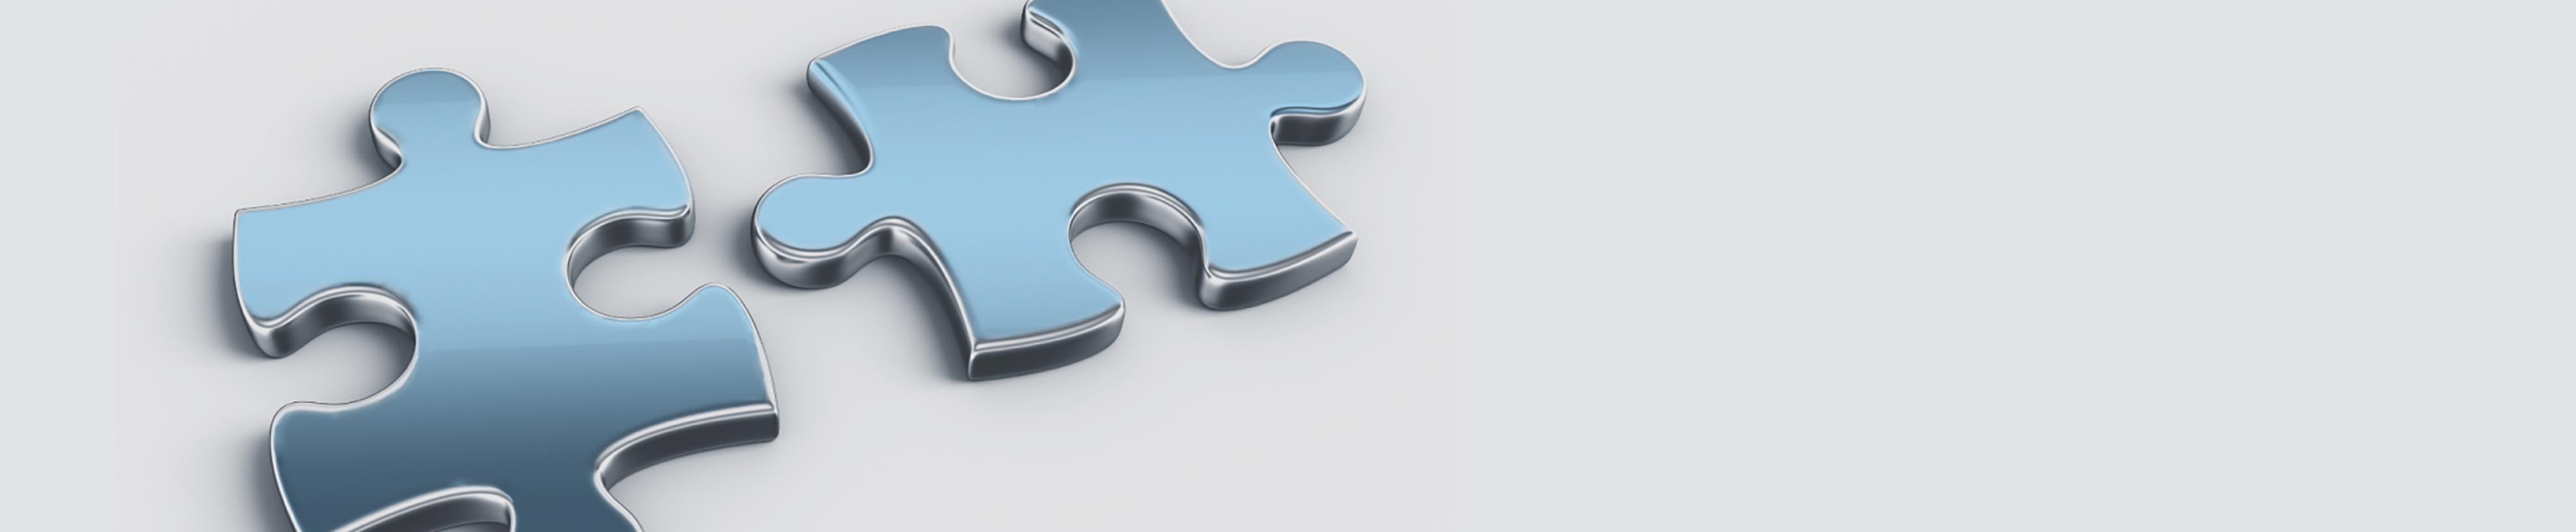 puzzle_pieces_light_blue 2-1